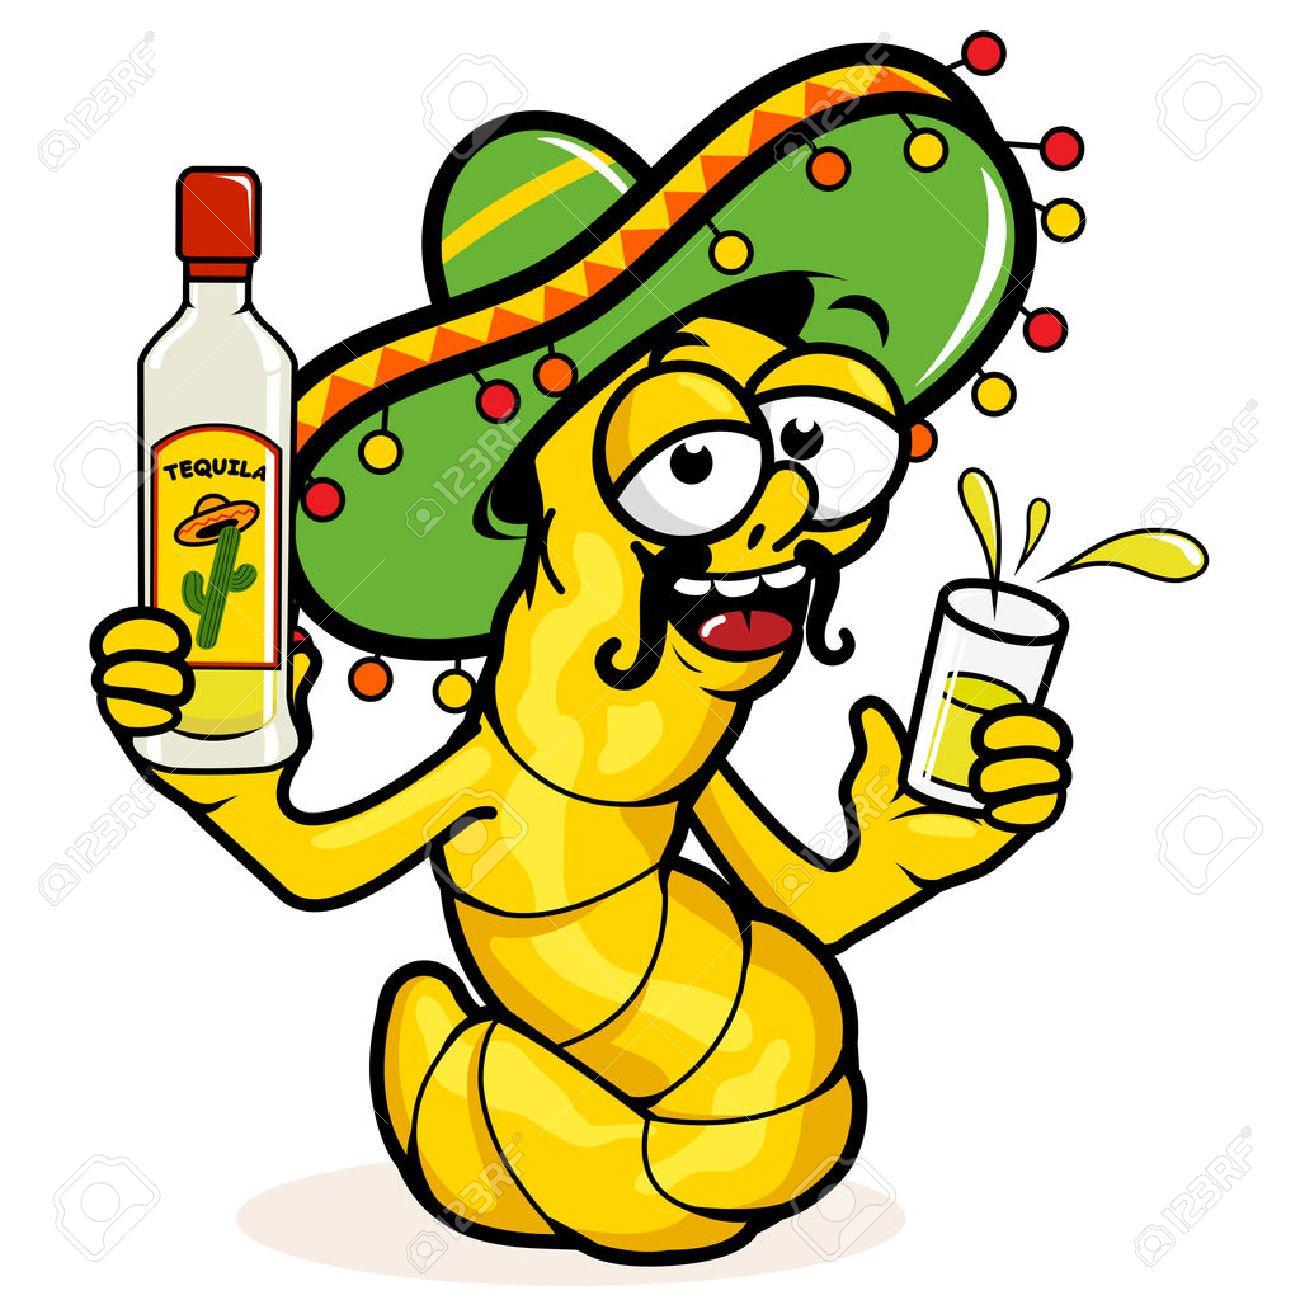 Drunk Tequila worm - 42915164